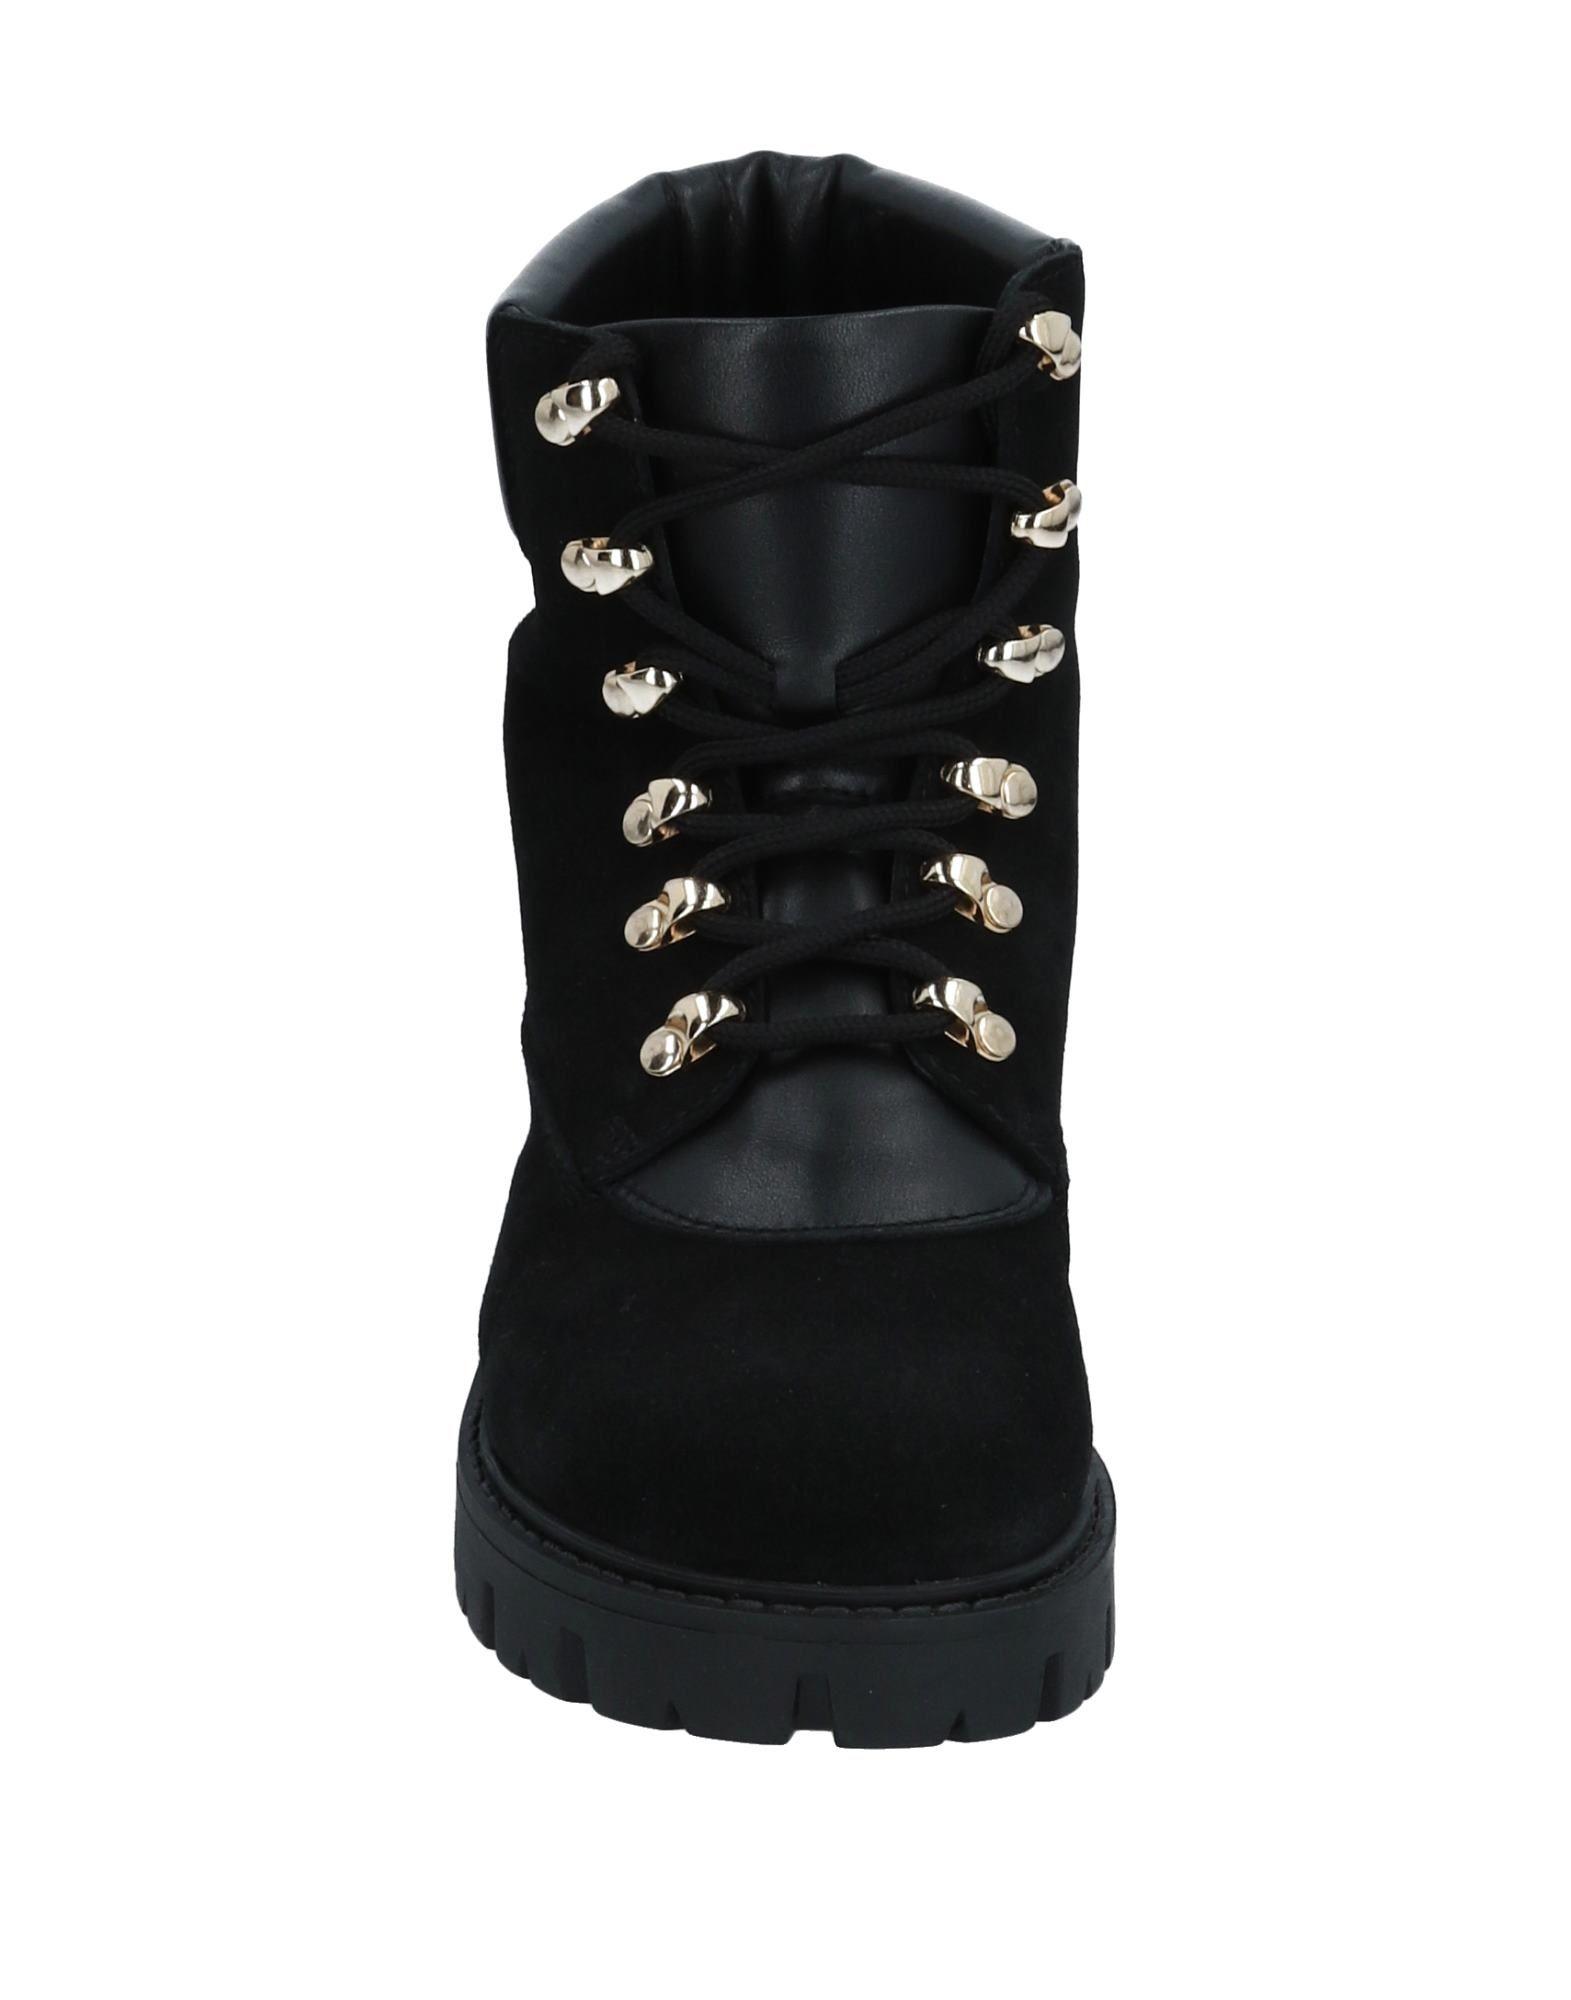 Stilvolle Stiefelette billige Schuhe Carla G. Stiefelette Stilvolle Damen  11522953AQ 0dfbcc